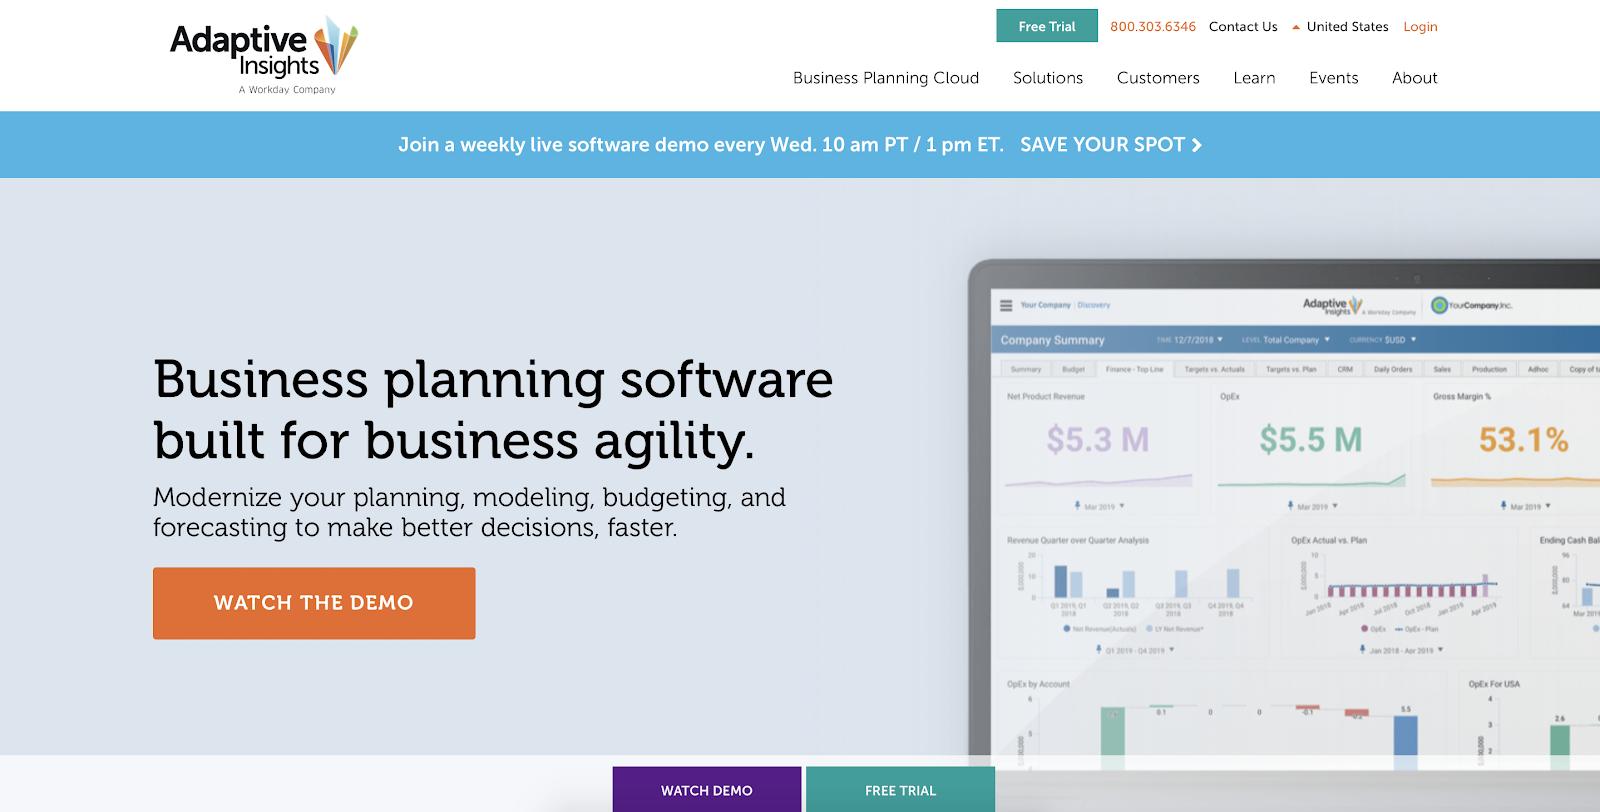 Las 18 mejores herramientas de análisis de SaaS para 2020 (según el uso) - 1631294150 651 Las 18 mejores herramientas de analisis de SaaS para 2020